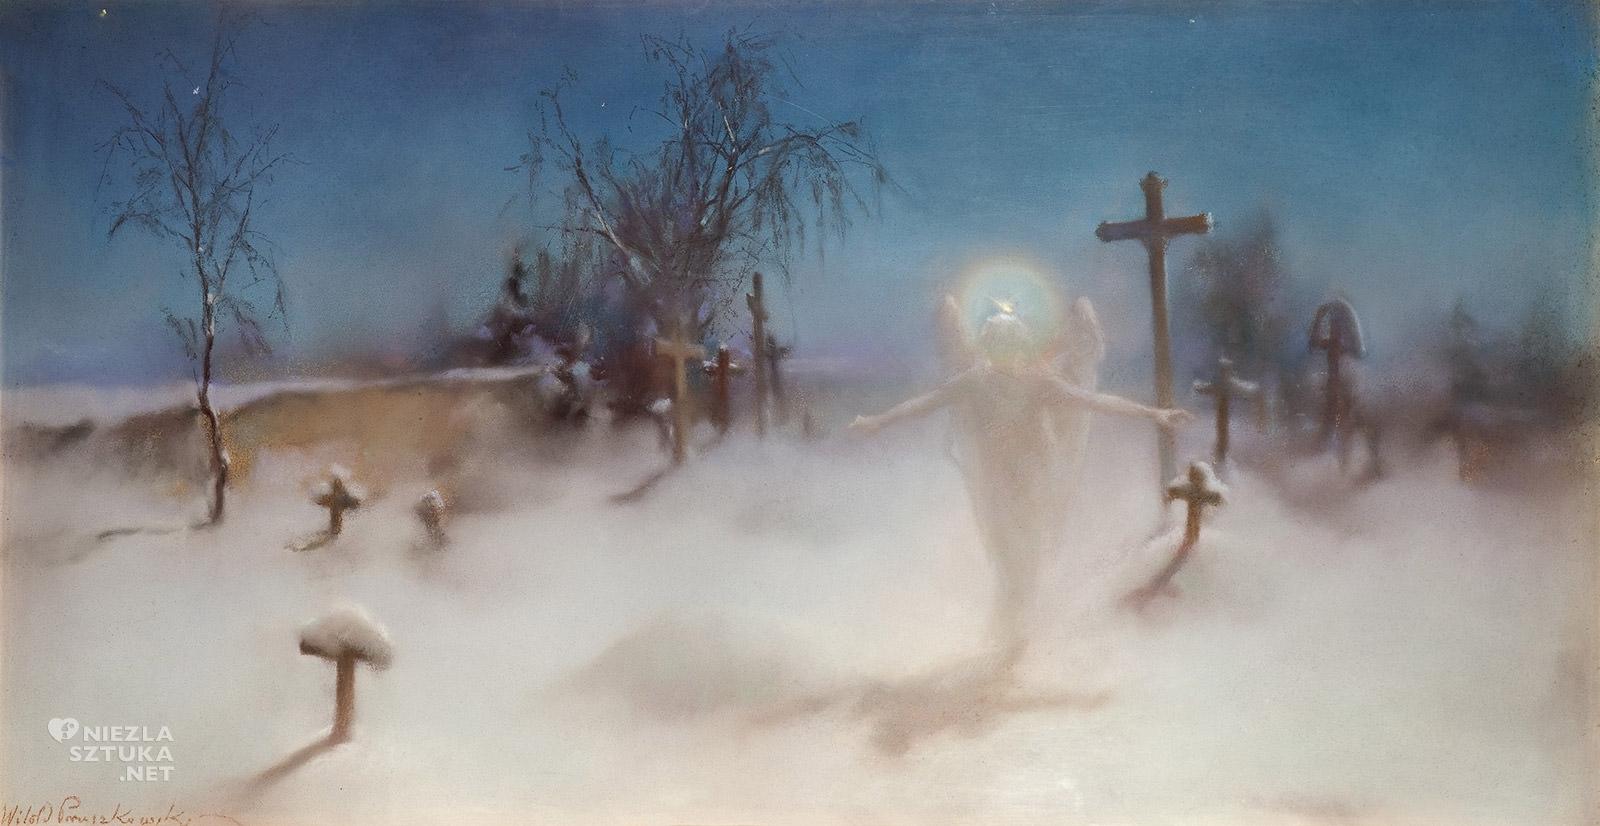 Witold Pruszkowski, Eloe, malarstwo polskie, sztuka polska, Muzeum Narodowe we Wrocławiu, Niezła Sztuka